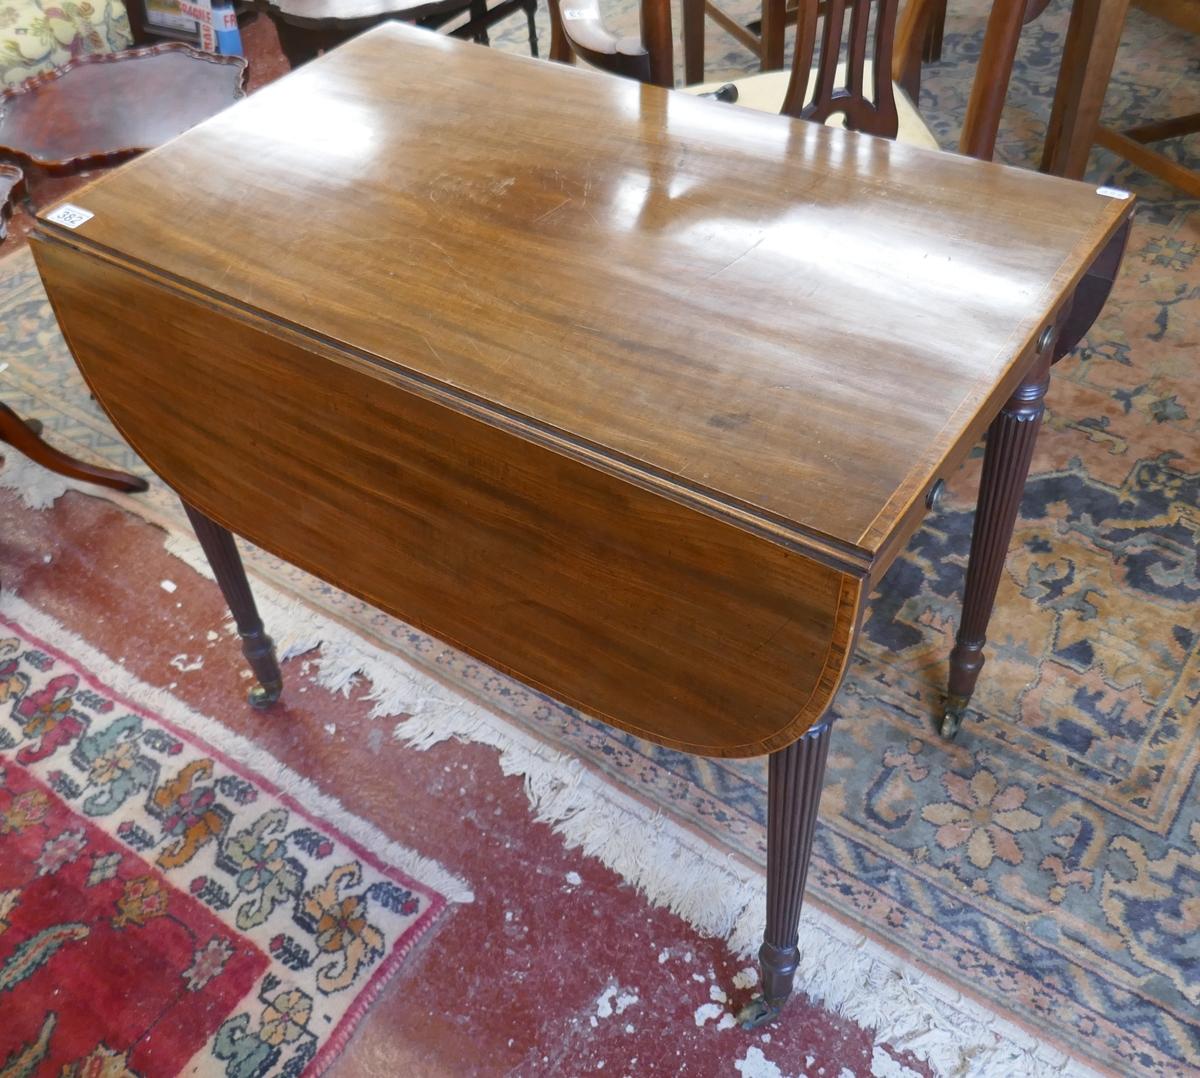 Regency mahogany inlaid drop leaf table